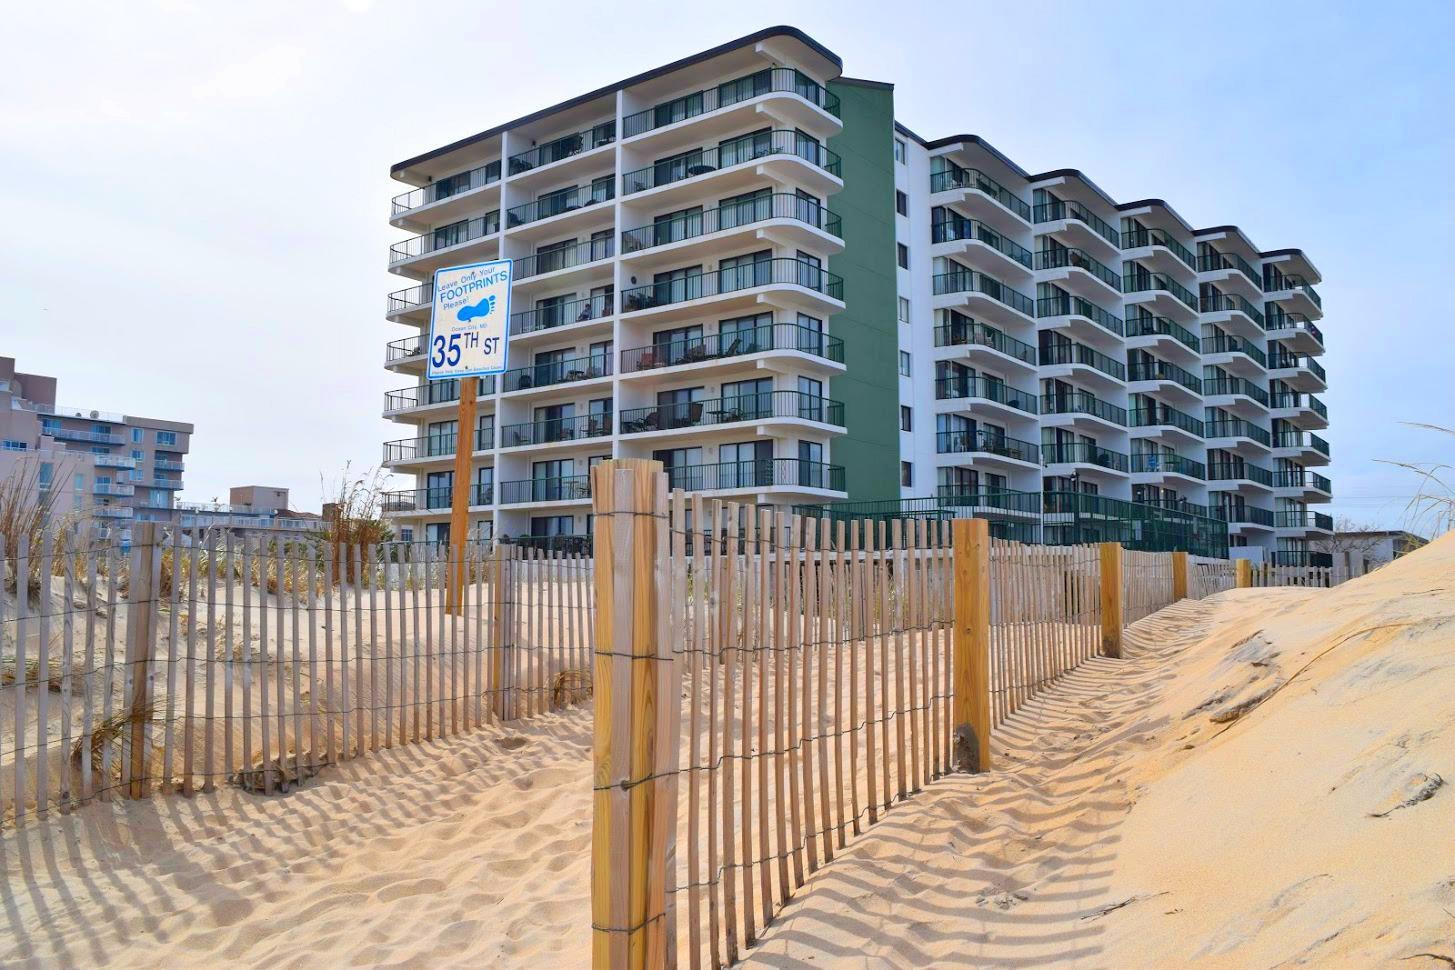 Exterior of Summer Beach